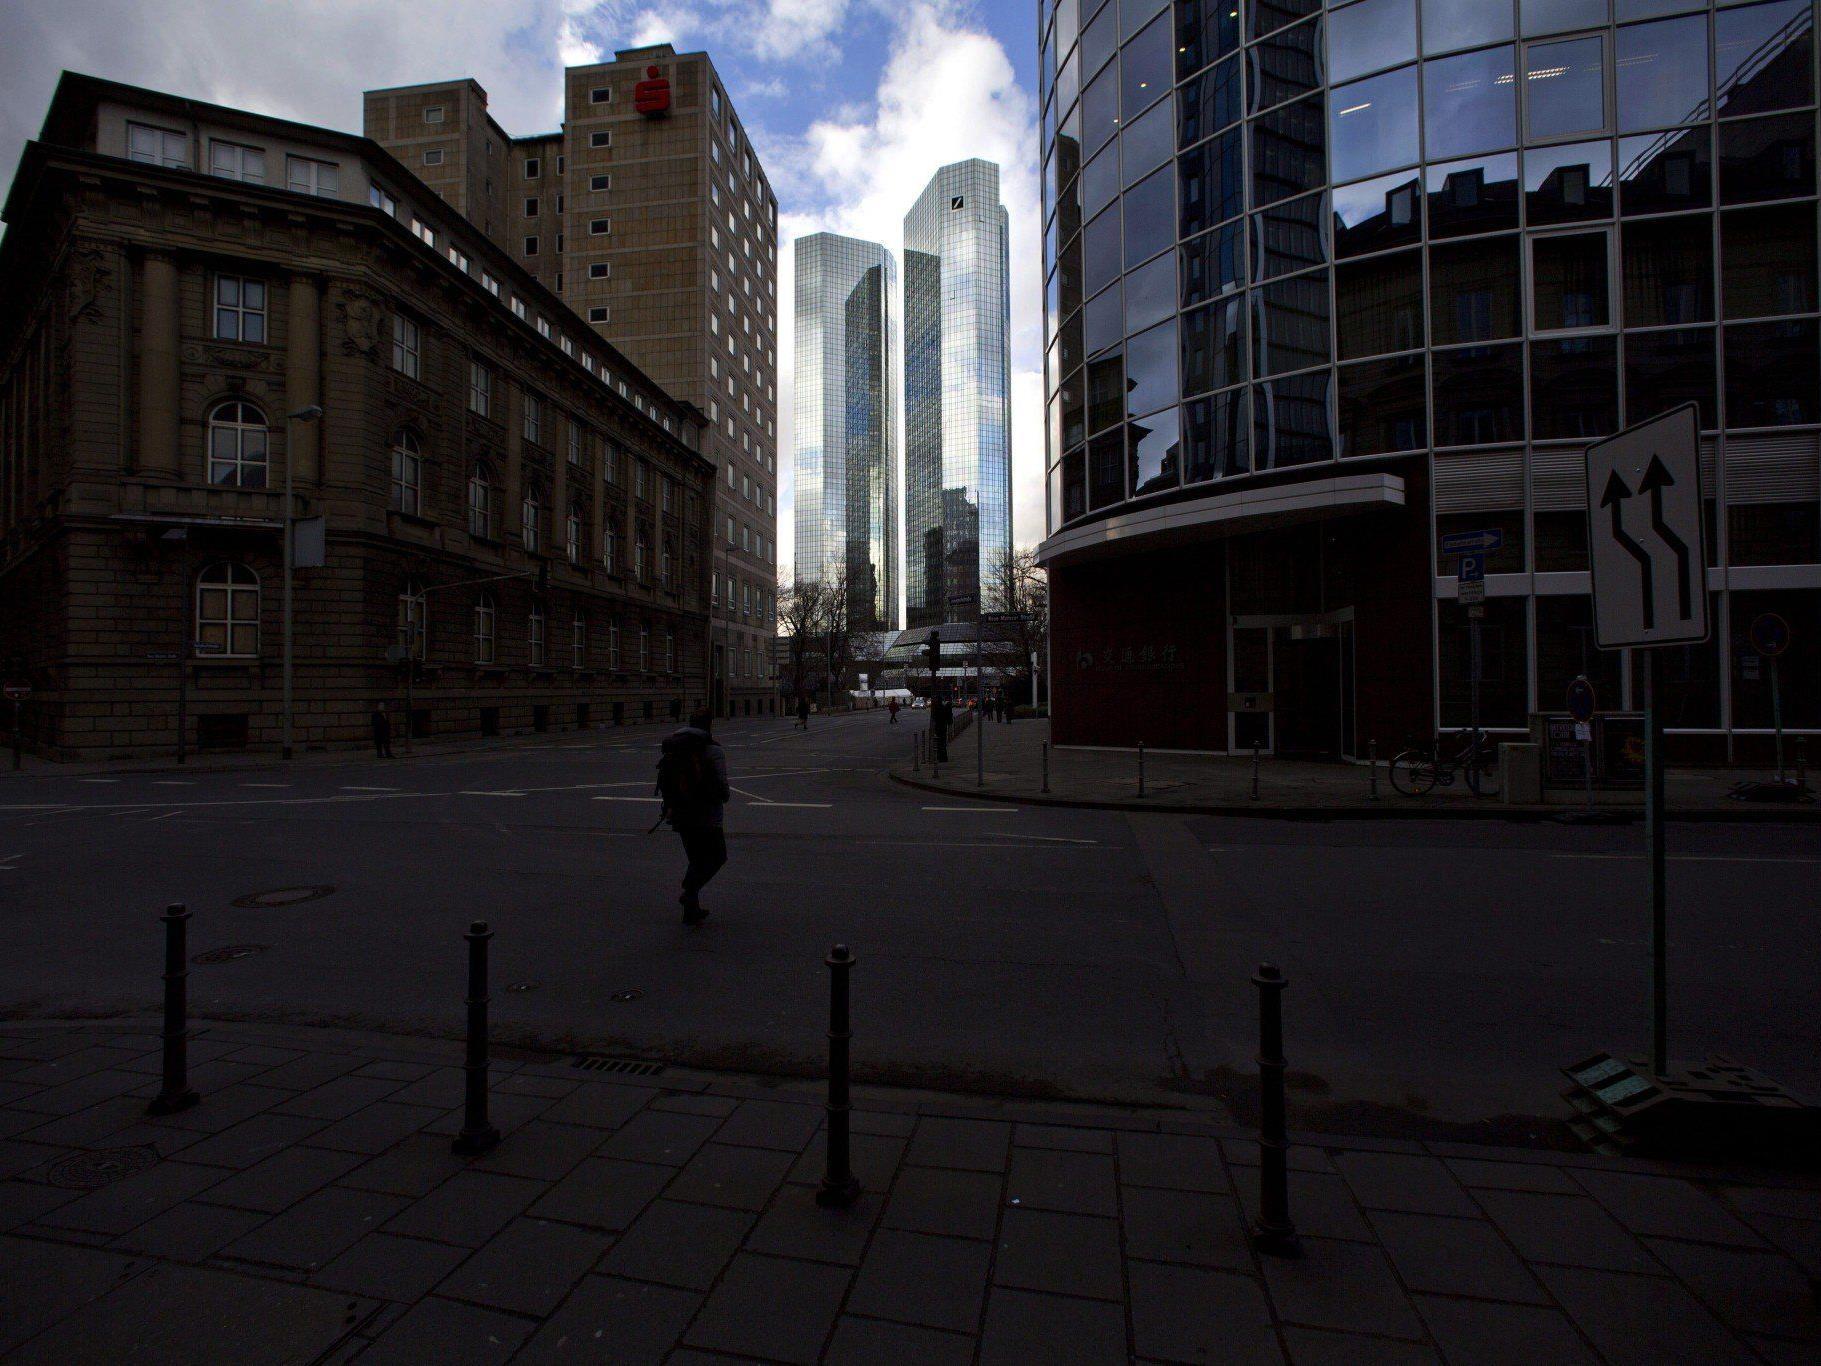 EU-Kommission will Institute zur Auslagerung riskanter Geschäfte zwingen,